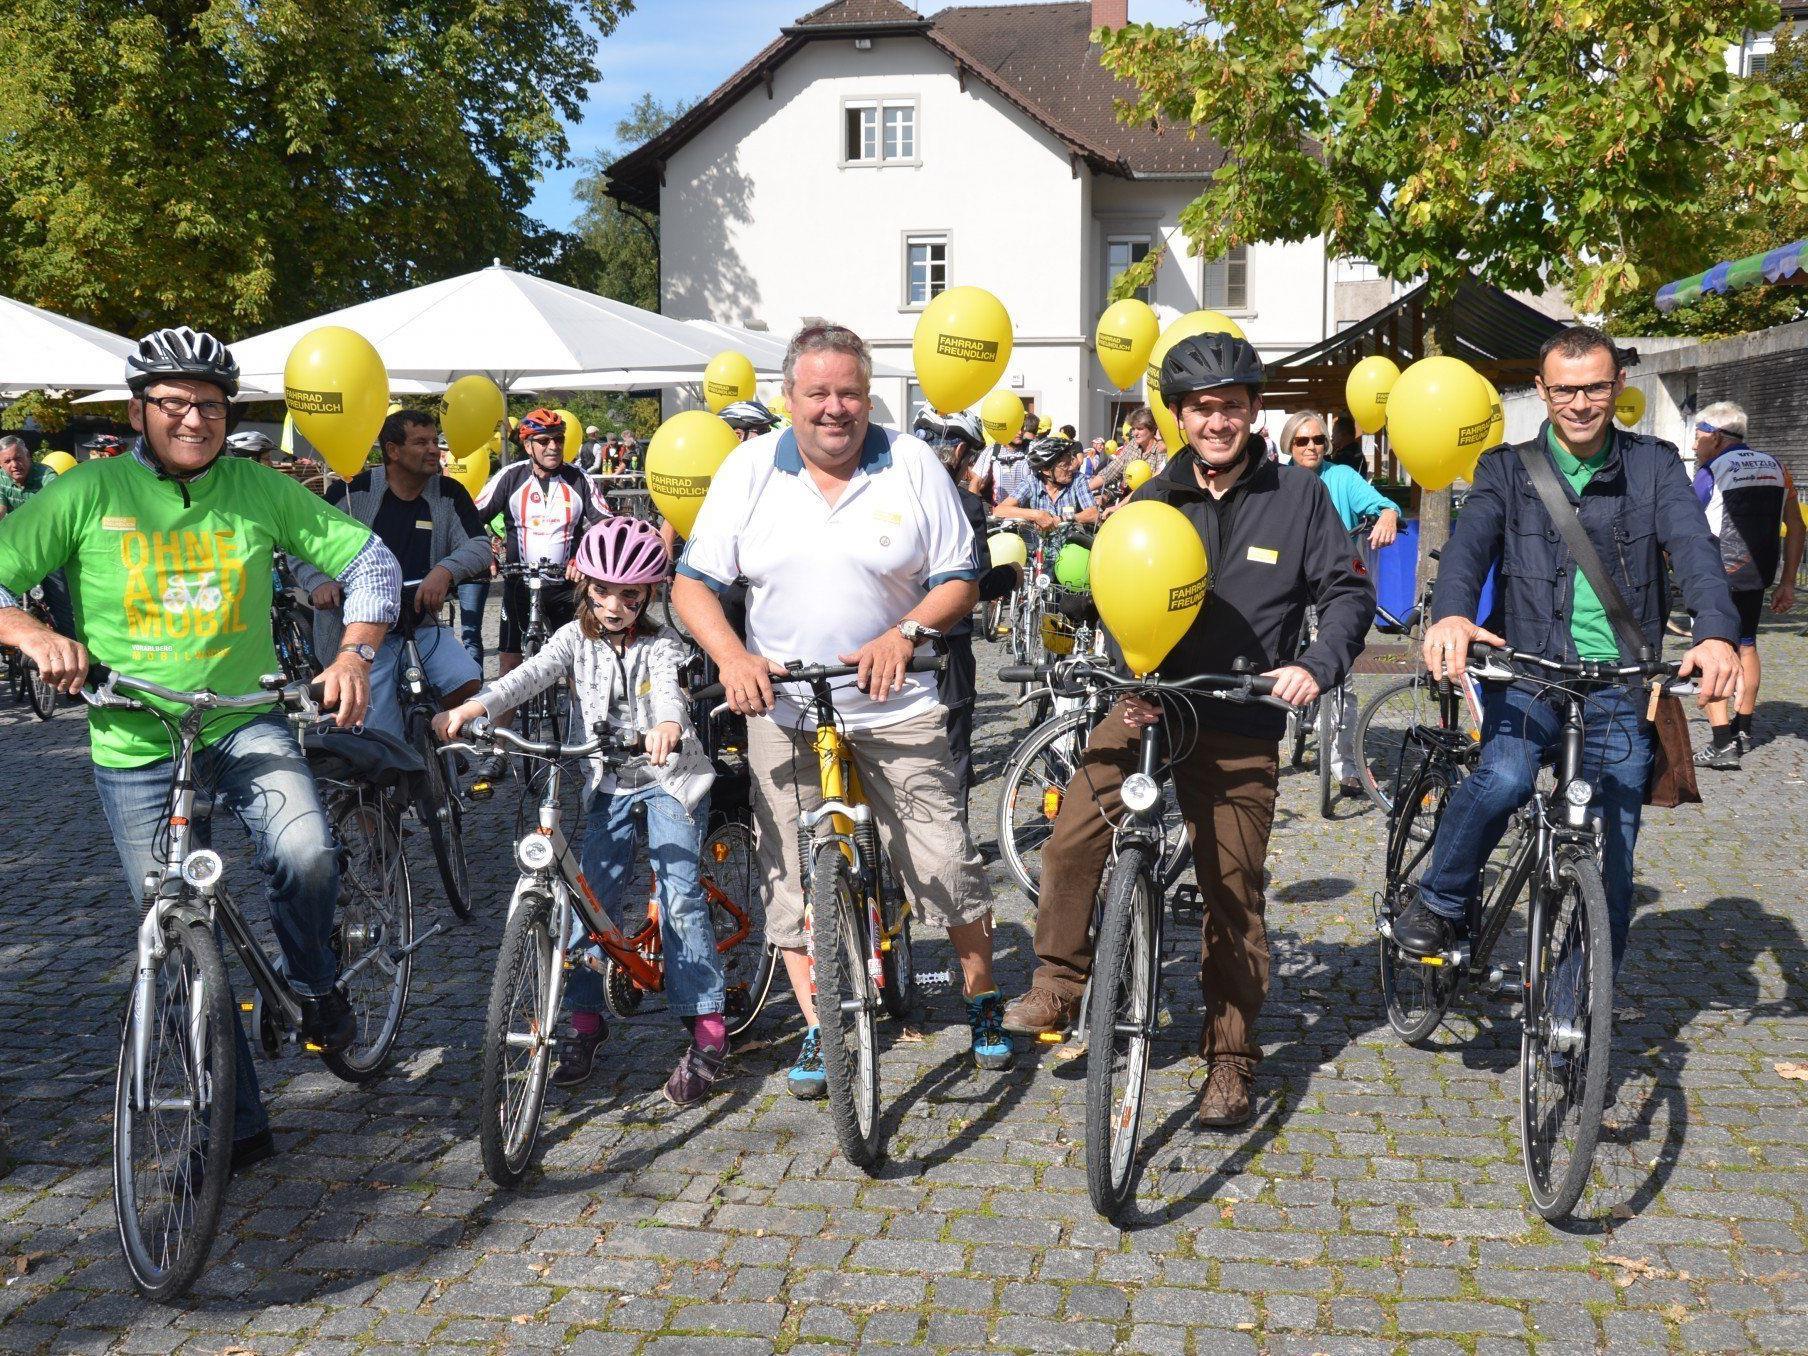 Die Bürgermeister führten die Fahrradparade von Rankweil nach Altenstadt an.